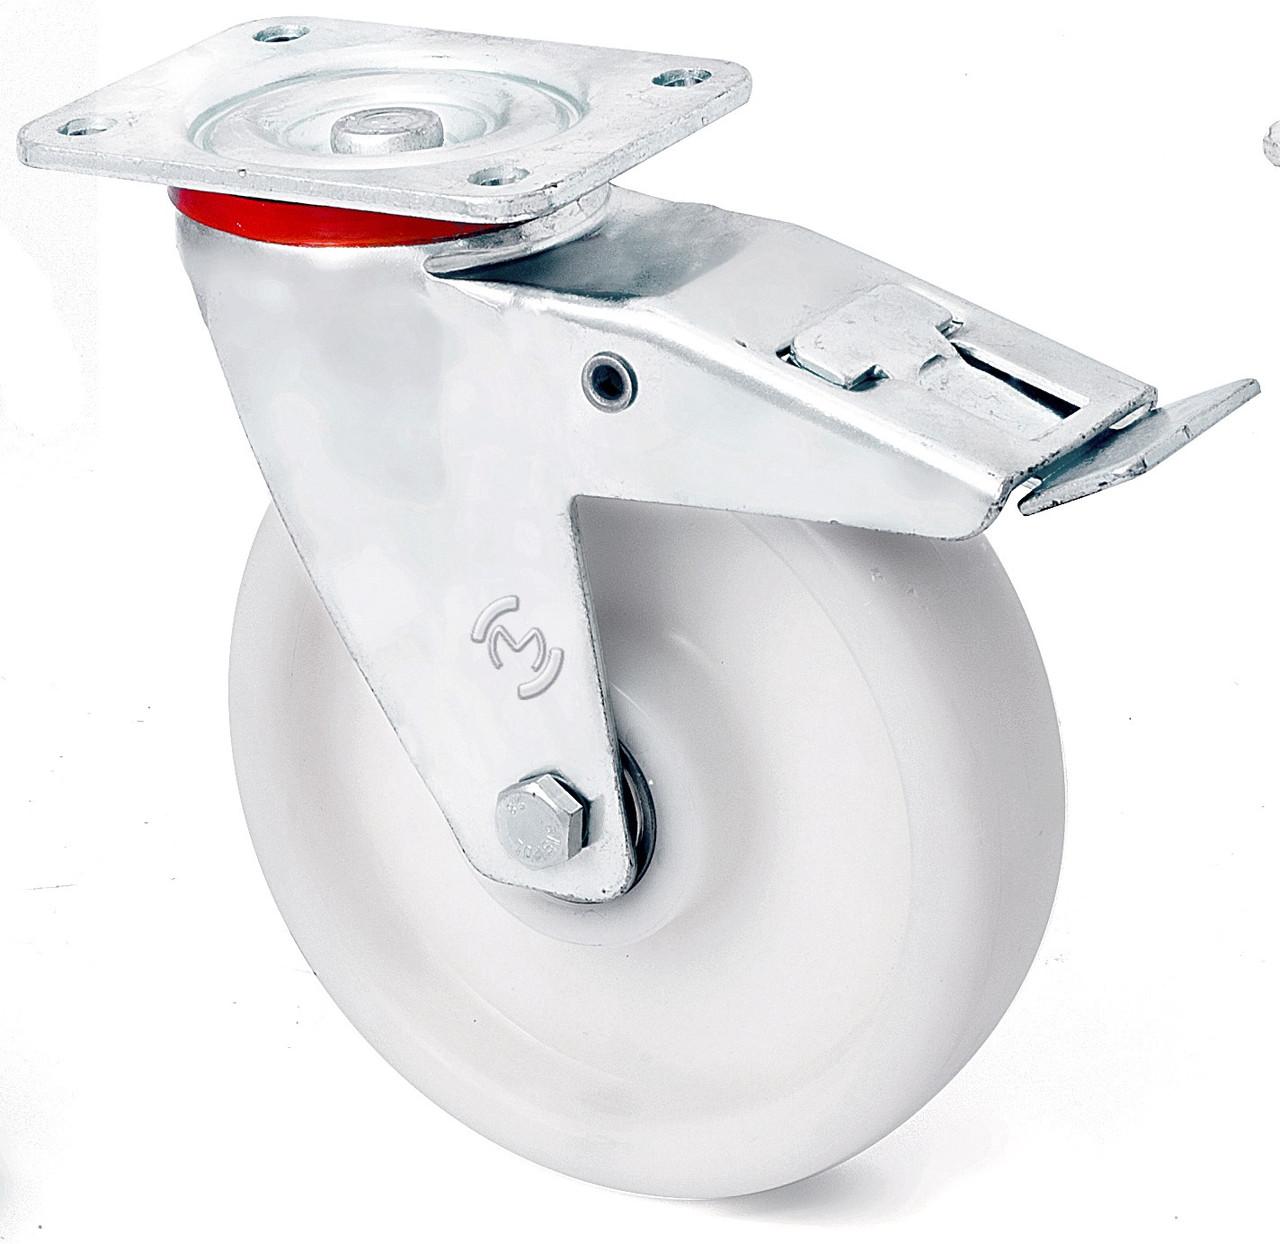 Поворотные большегрузные колеса из полипропилена с тормозом 2304-ST-125-B